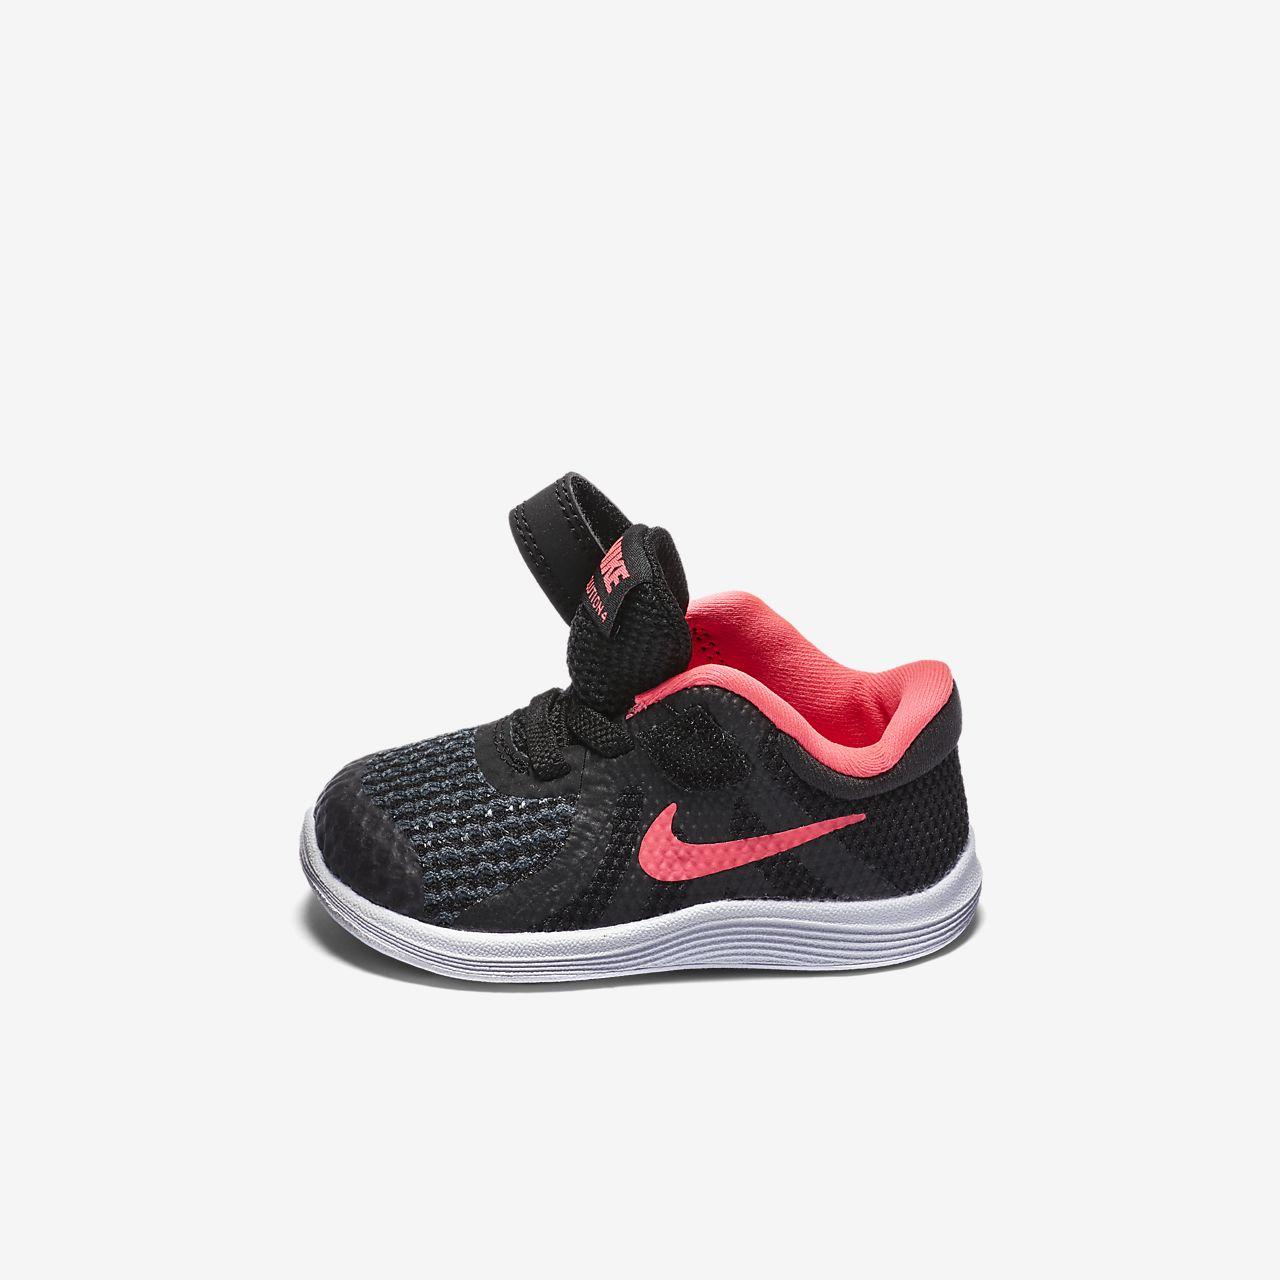 Bébépetit Chaussure Nike Revolution Enfant Ca 4 Pour xzw6qw0IC